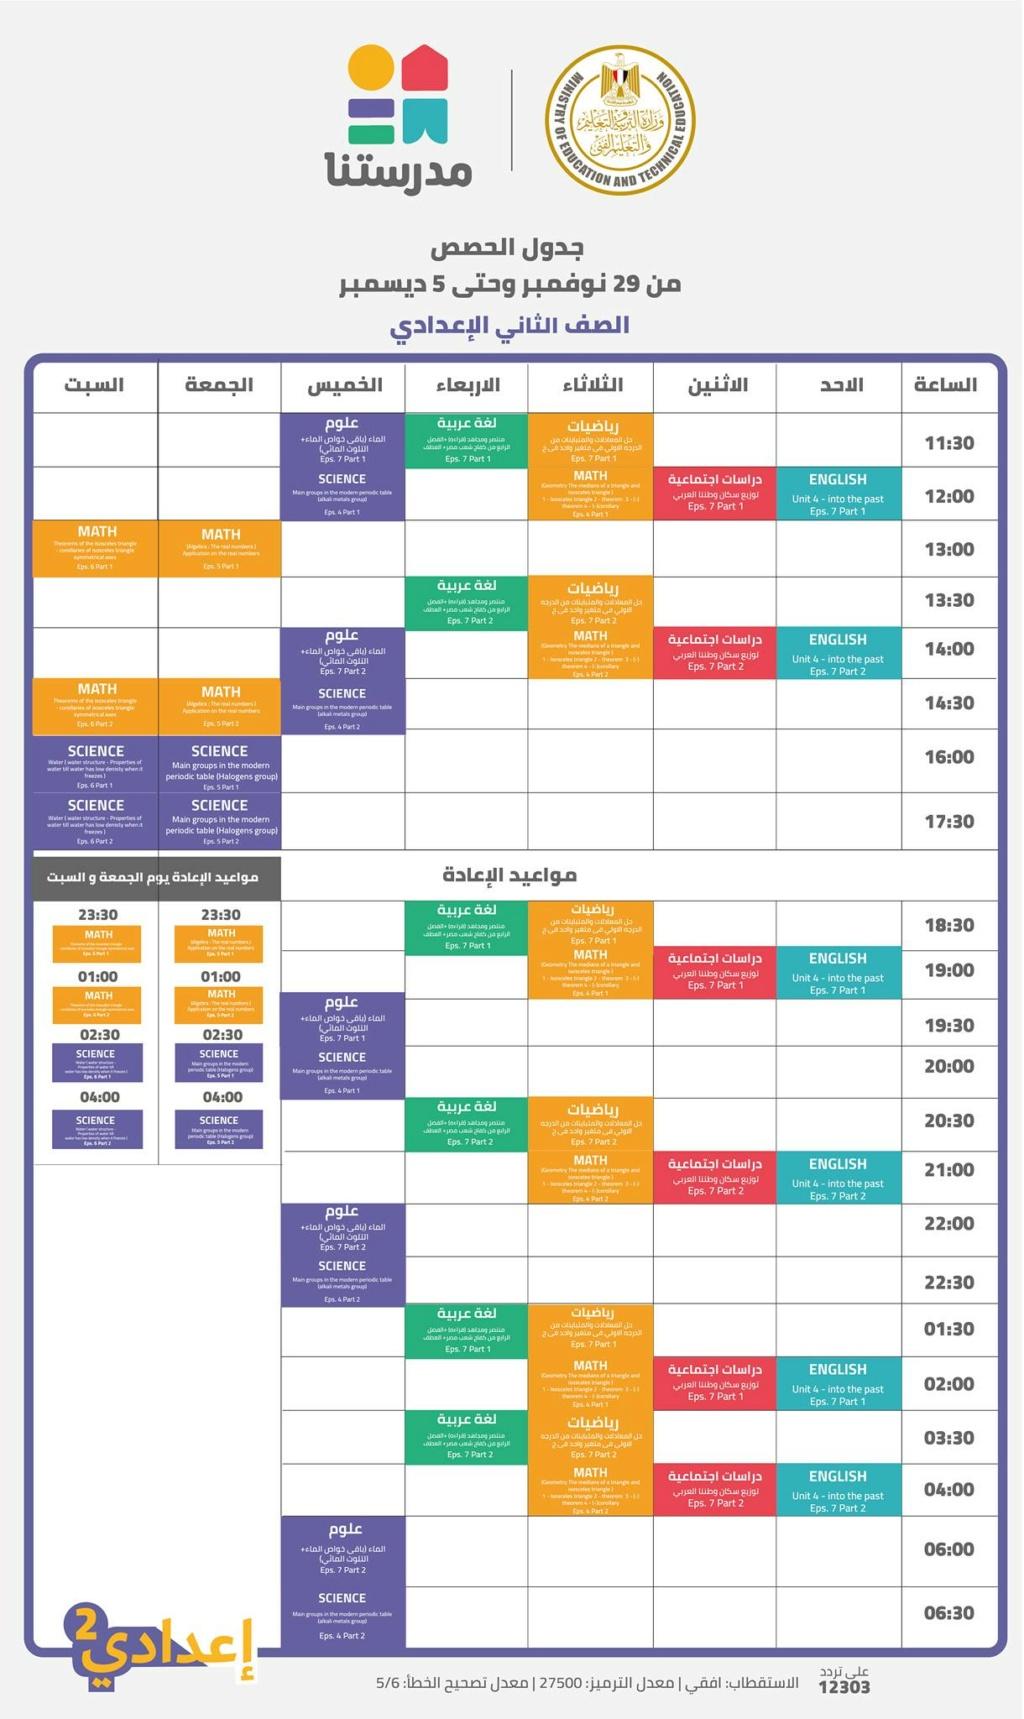 قناة مدرستنا l جدول حصص الأسبوع السابع من الأحد ٢٩ نوفمبر حتى السبت ٥ ديسمبر ٢٠٢٠ 8658